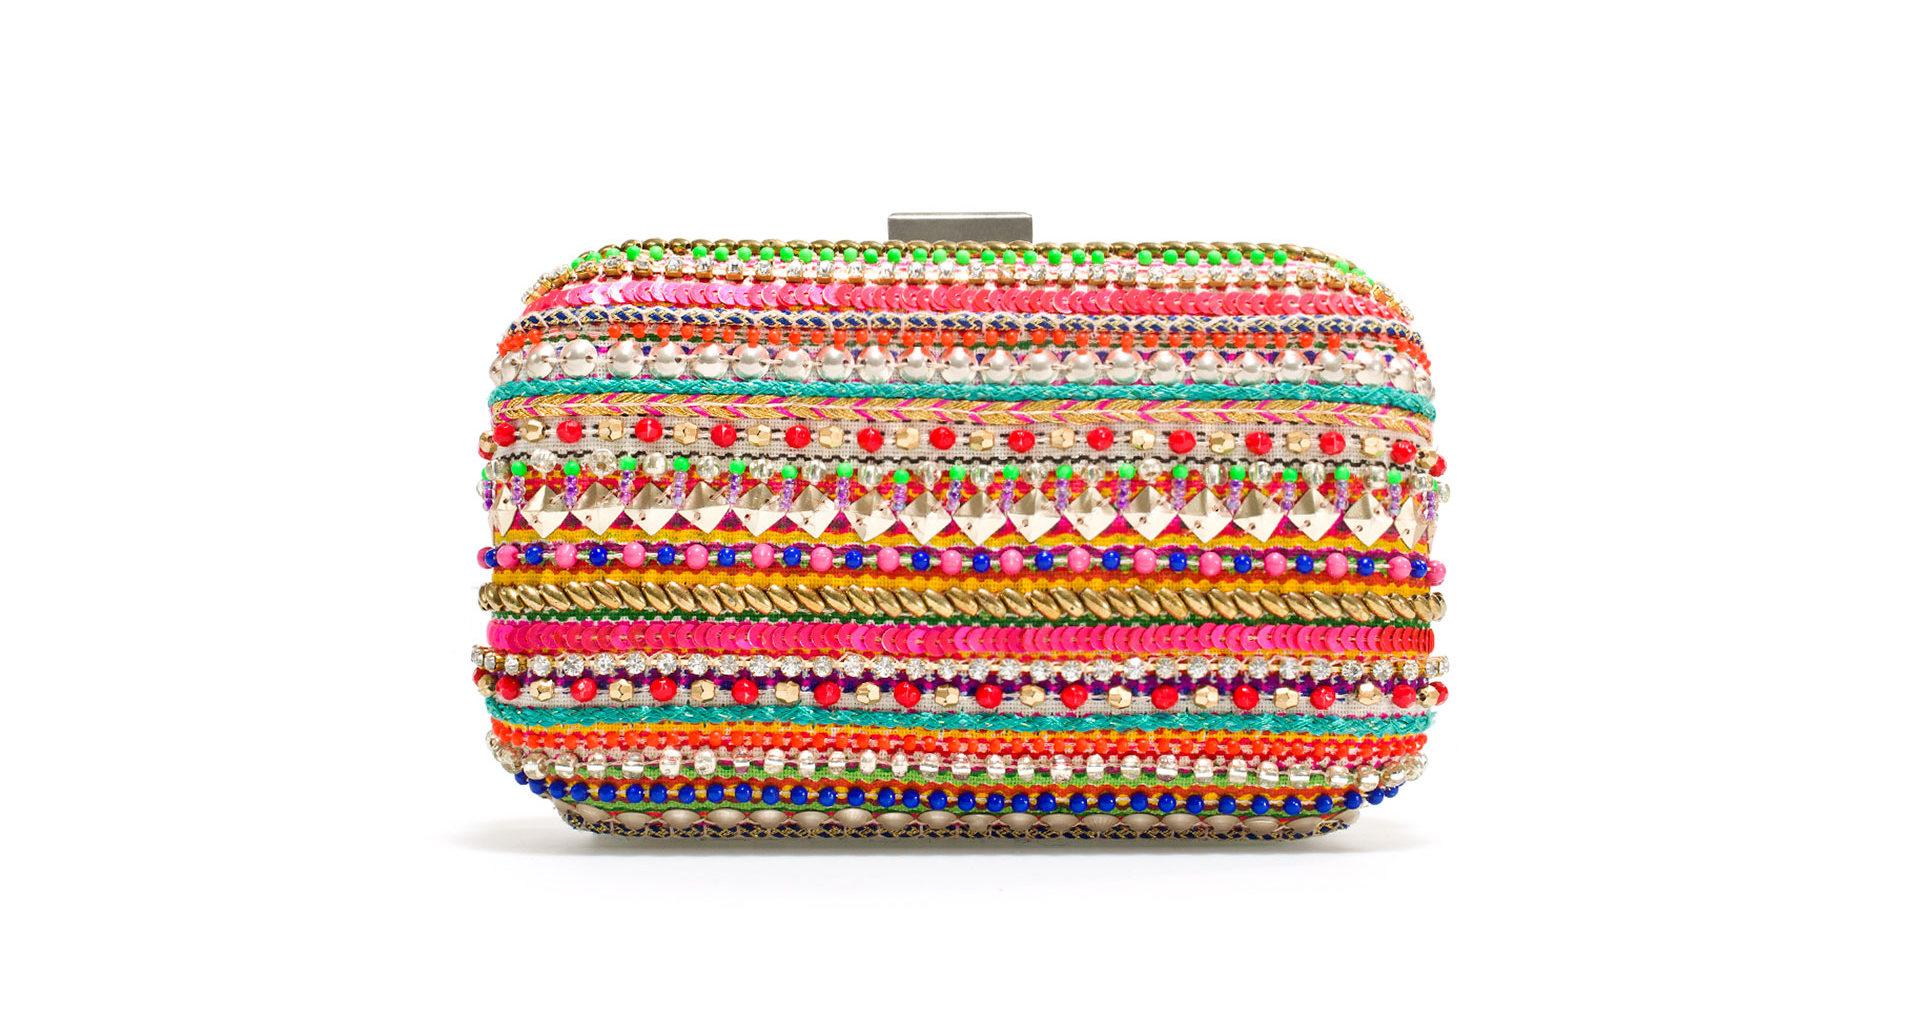 Zara 2013 Çanta Koleksiyonu Göz Dolduruyor